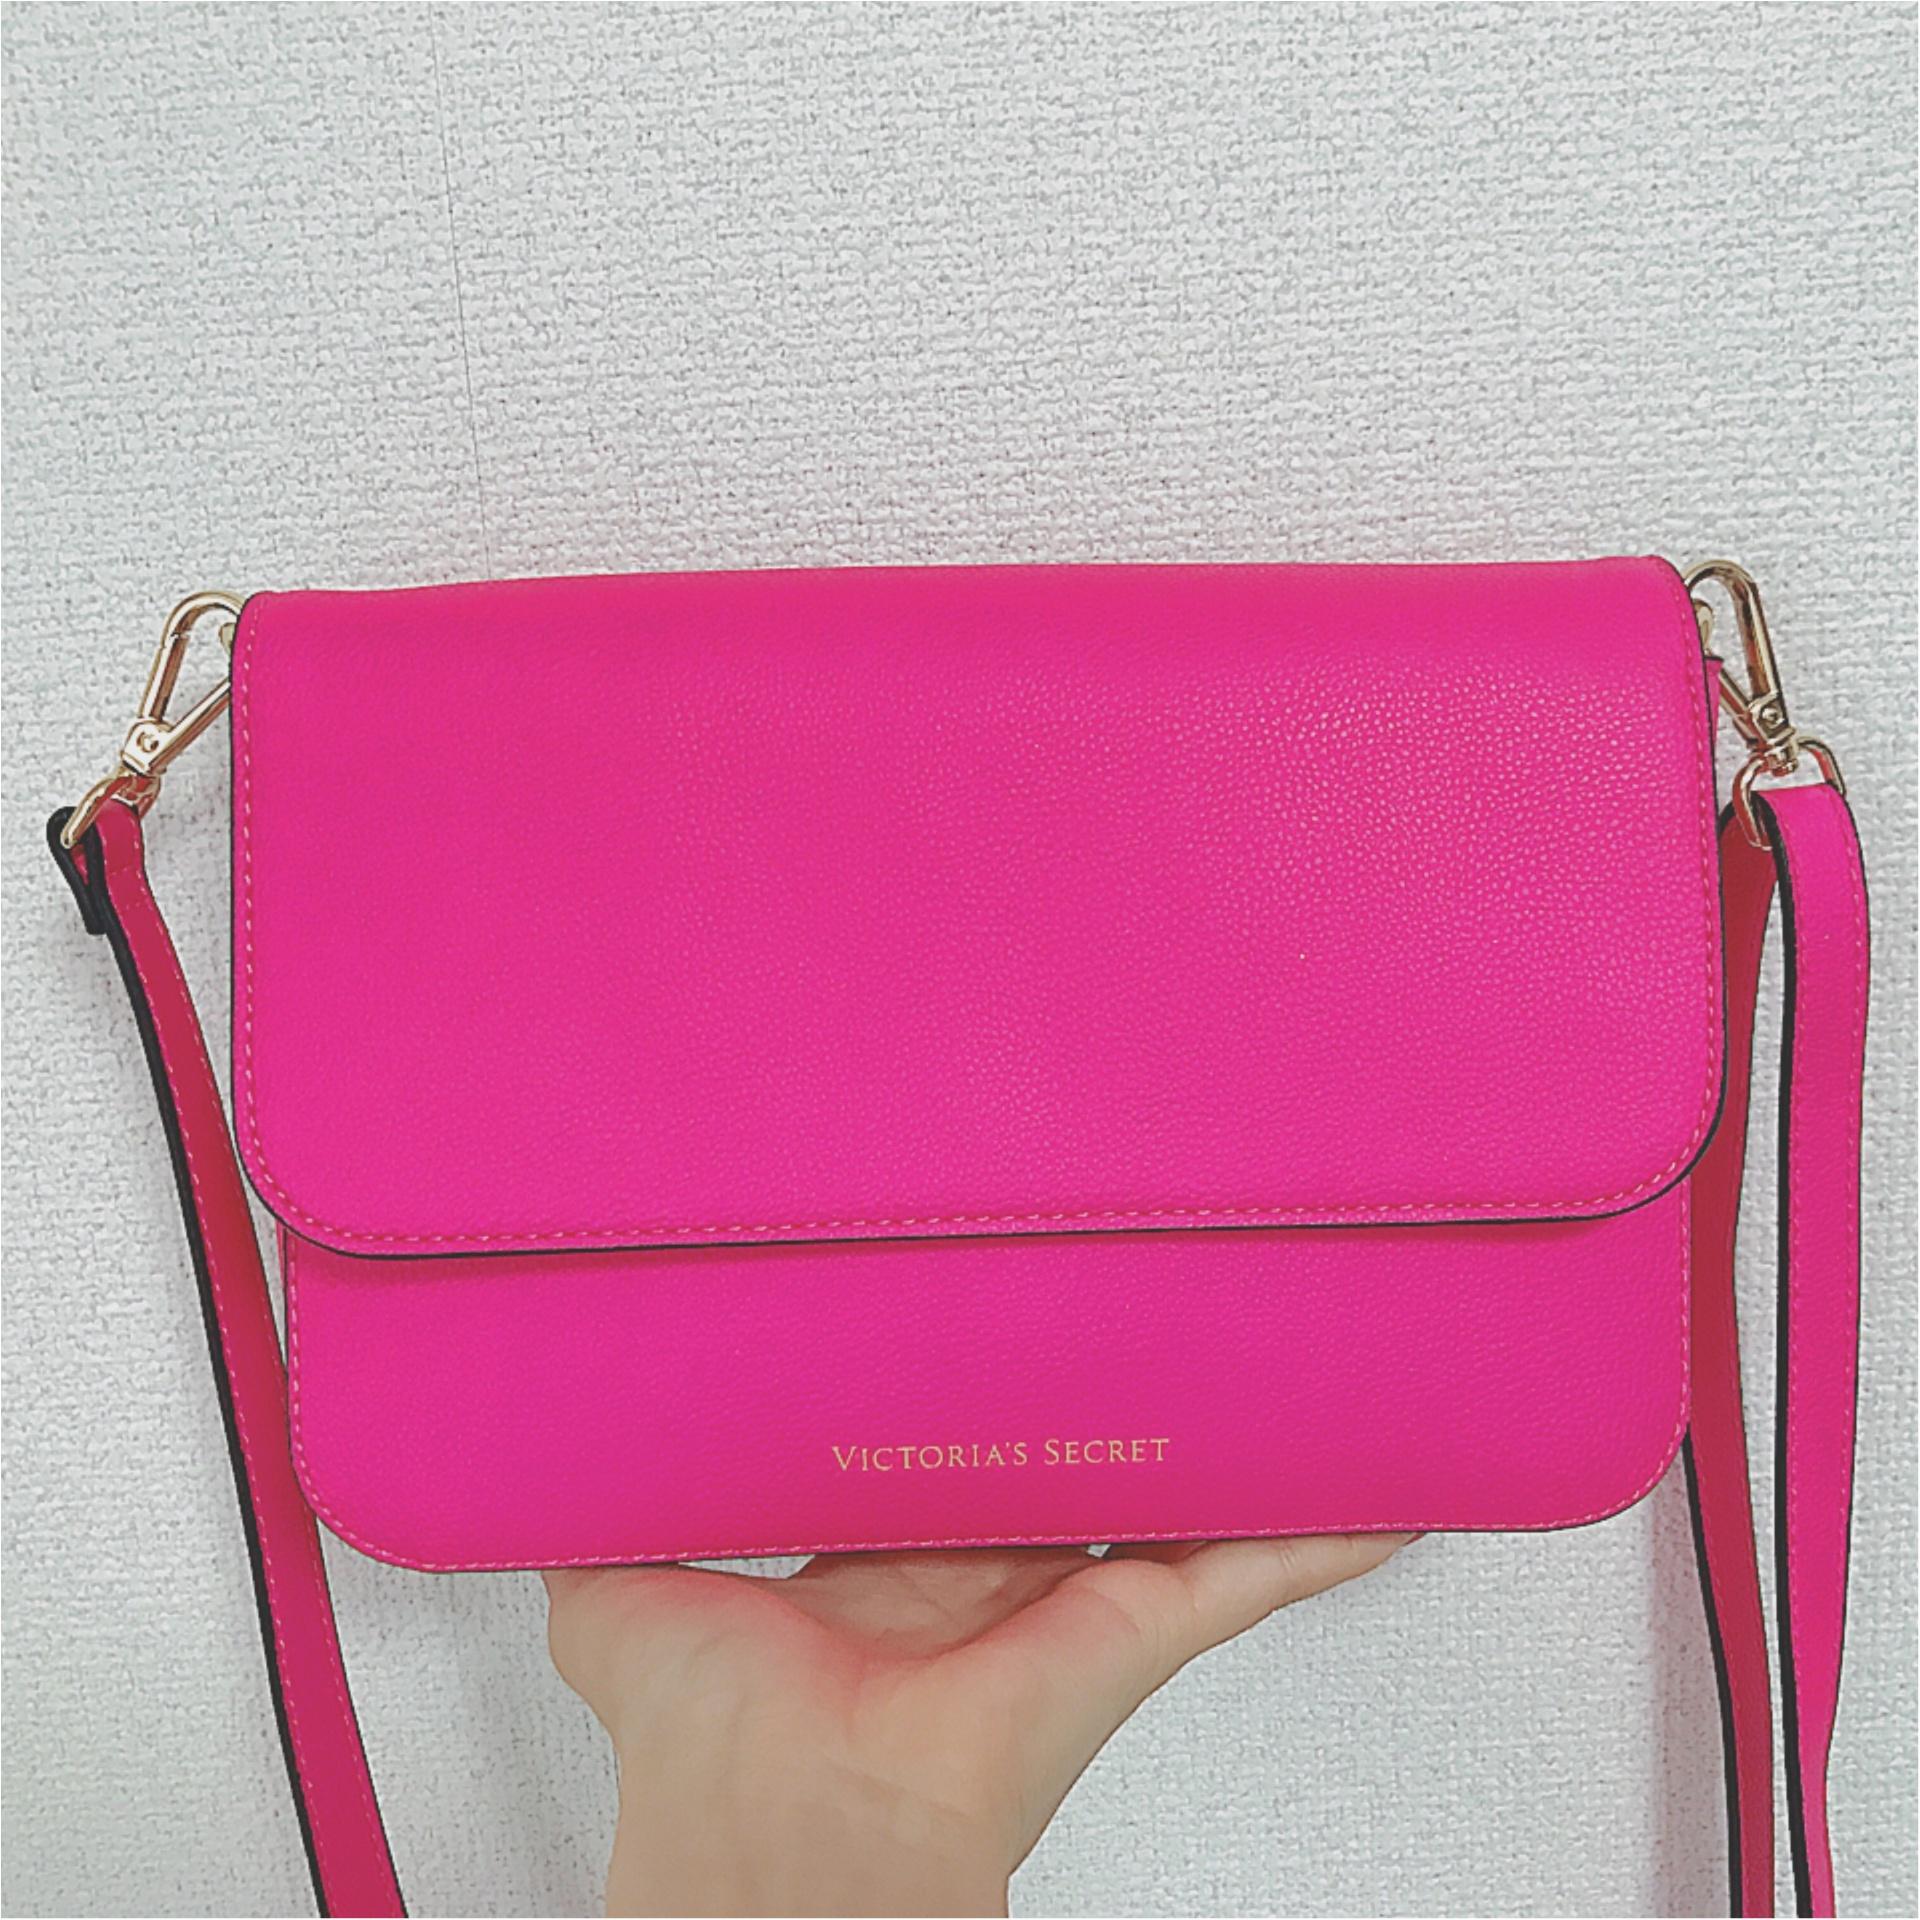 ★やっぱりビビットカラーが好き♡ビビットピンクのショルダーバッグが意外と使えるんです★_1